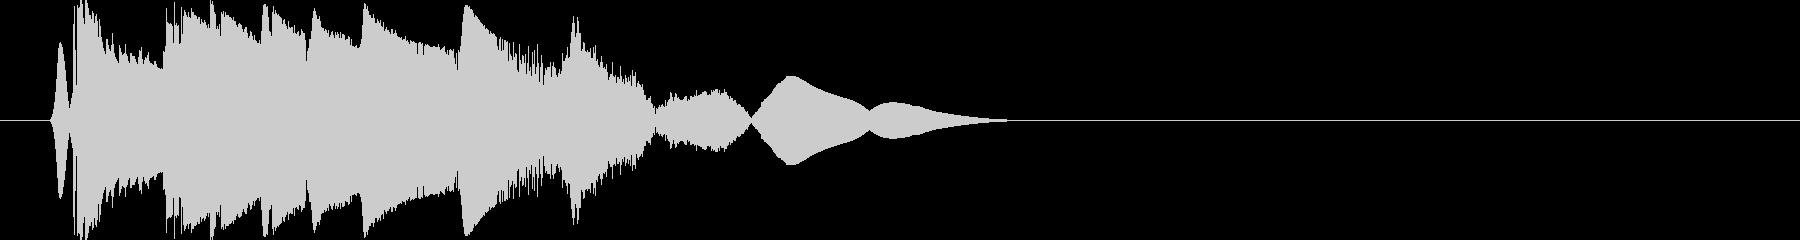 強力な打撃3の未再生の波形